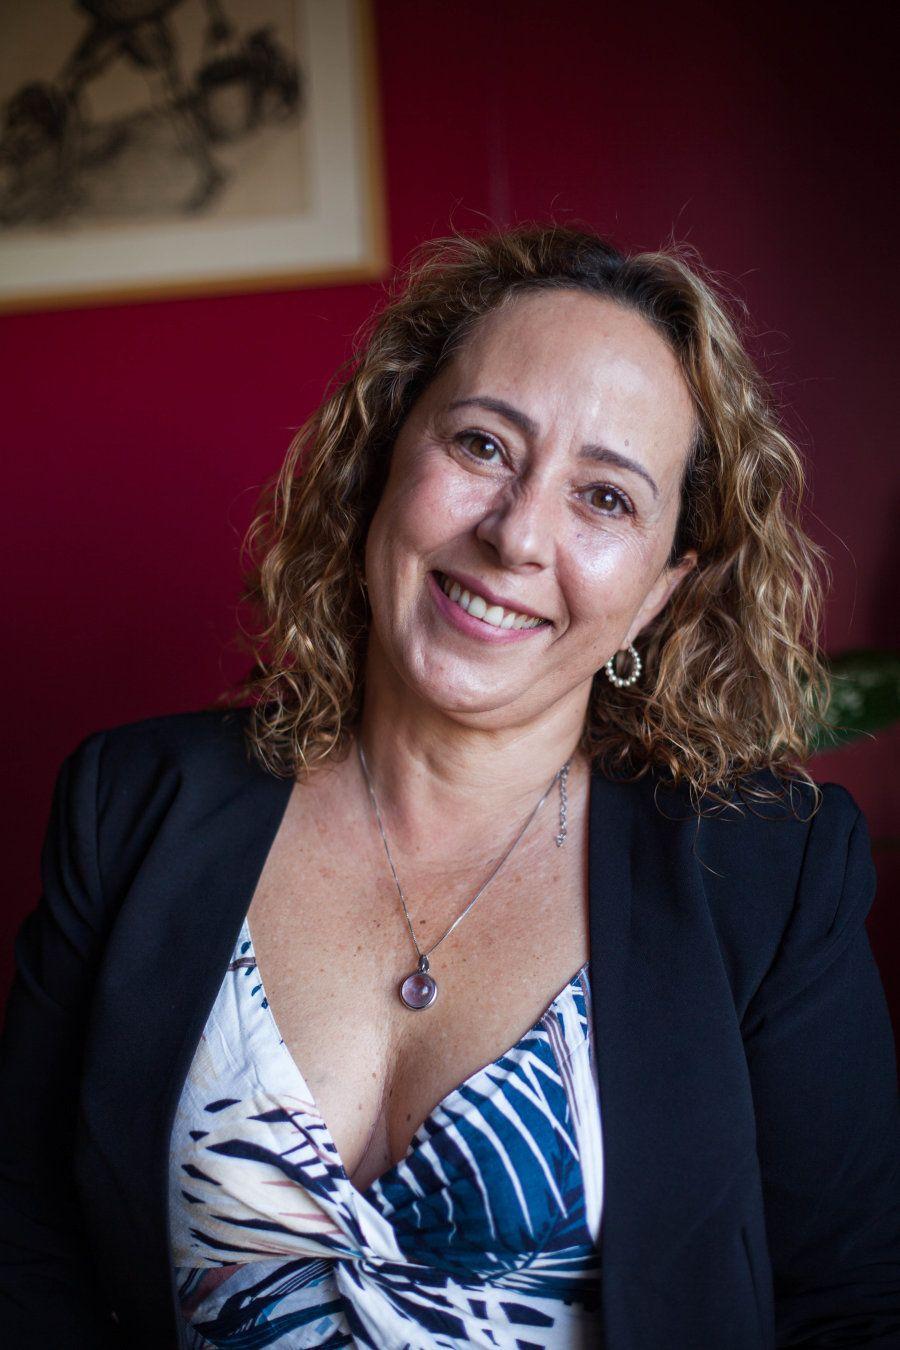 Iara também foi coordenadora da Casa da Mulher Brasileira que atendia mulheres vítimas de violência doméstica,...